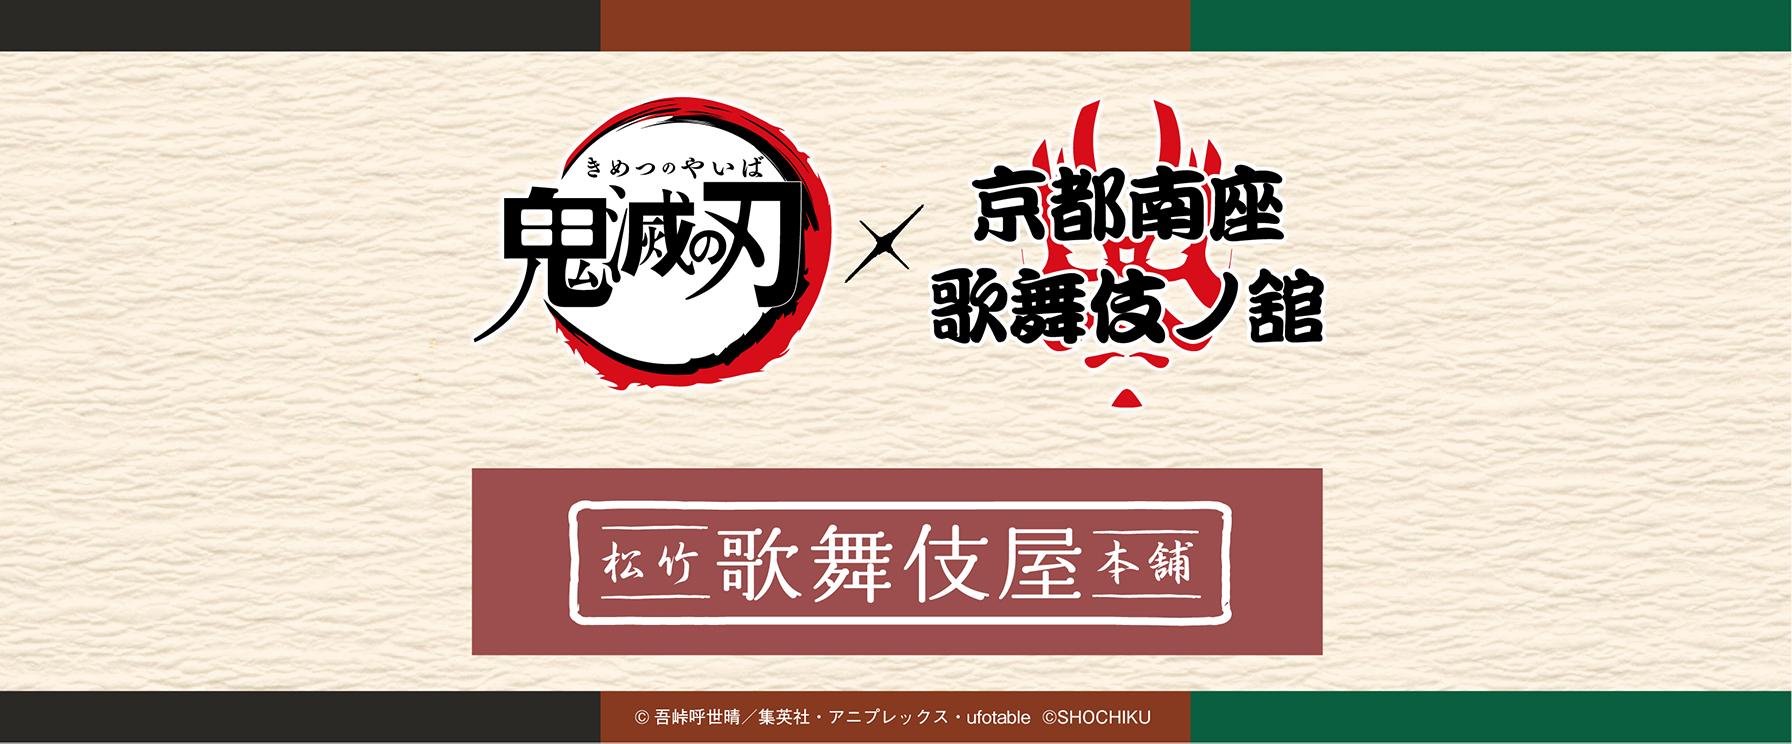 【12月31日(木)】「鬼滅の刃 × 京都南座 歌舞伎ノ舘」コラボグッズ事後物販